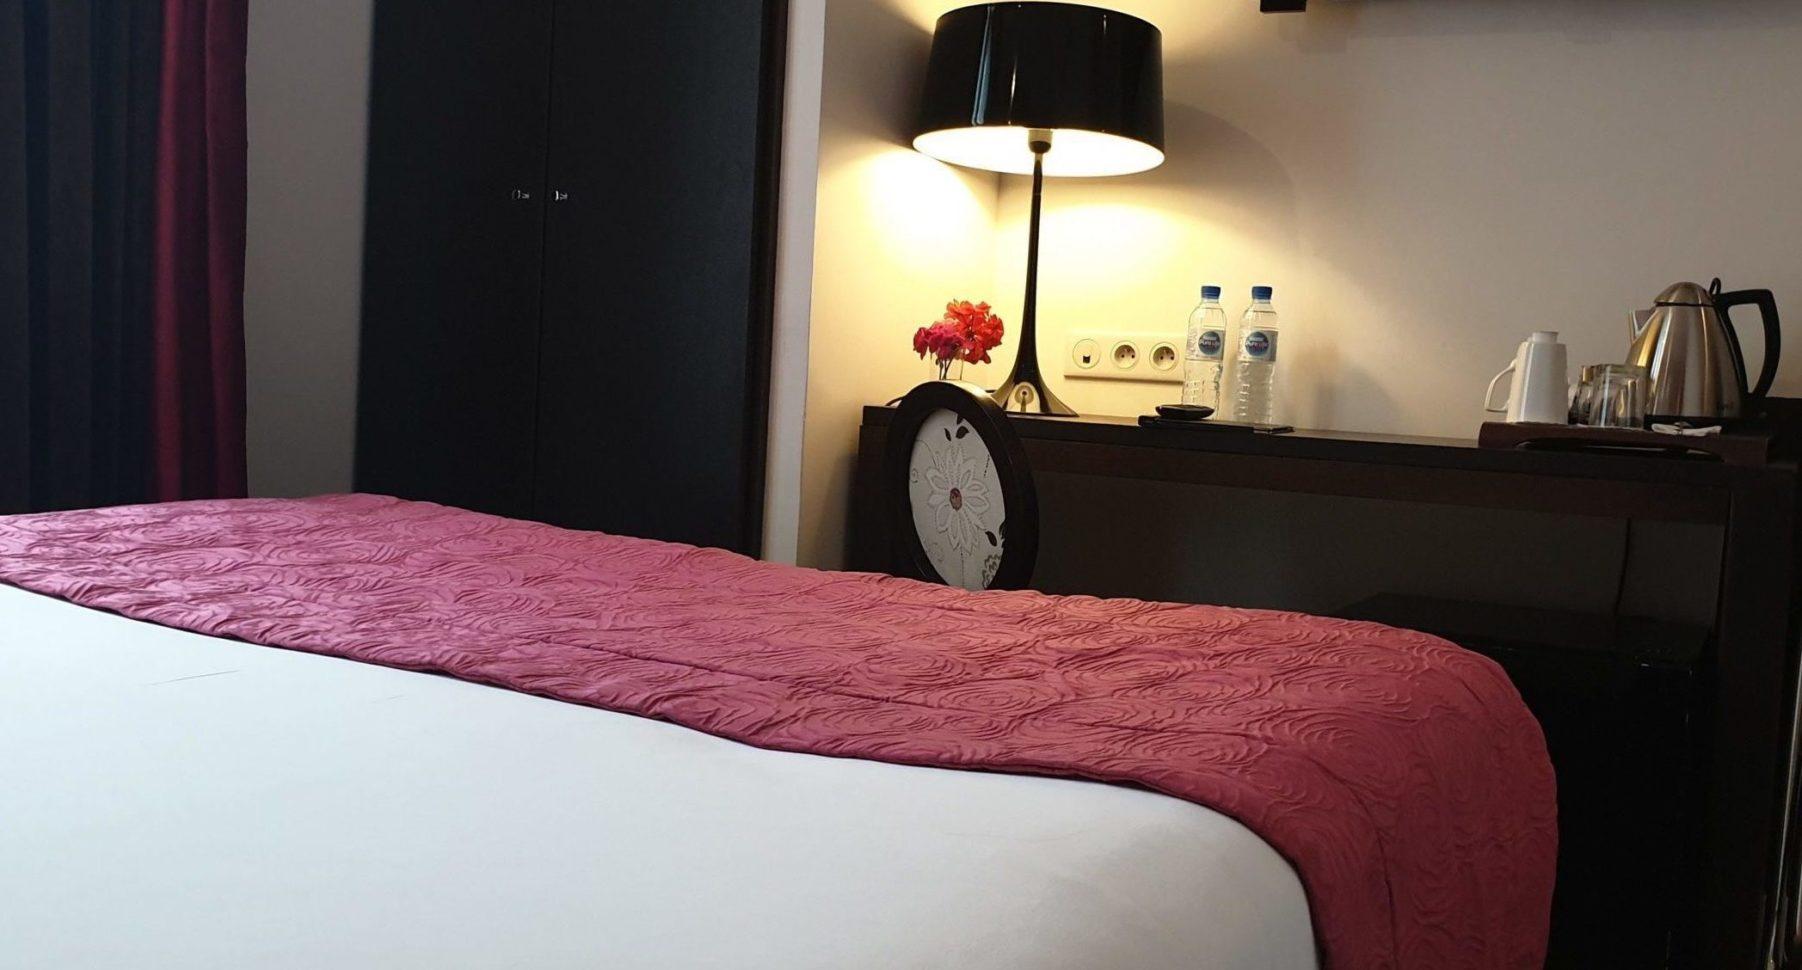 chambre double classique rayures - hôtel star champs-élysées